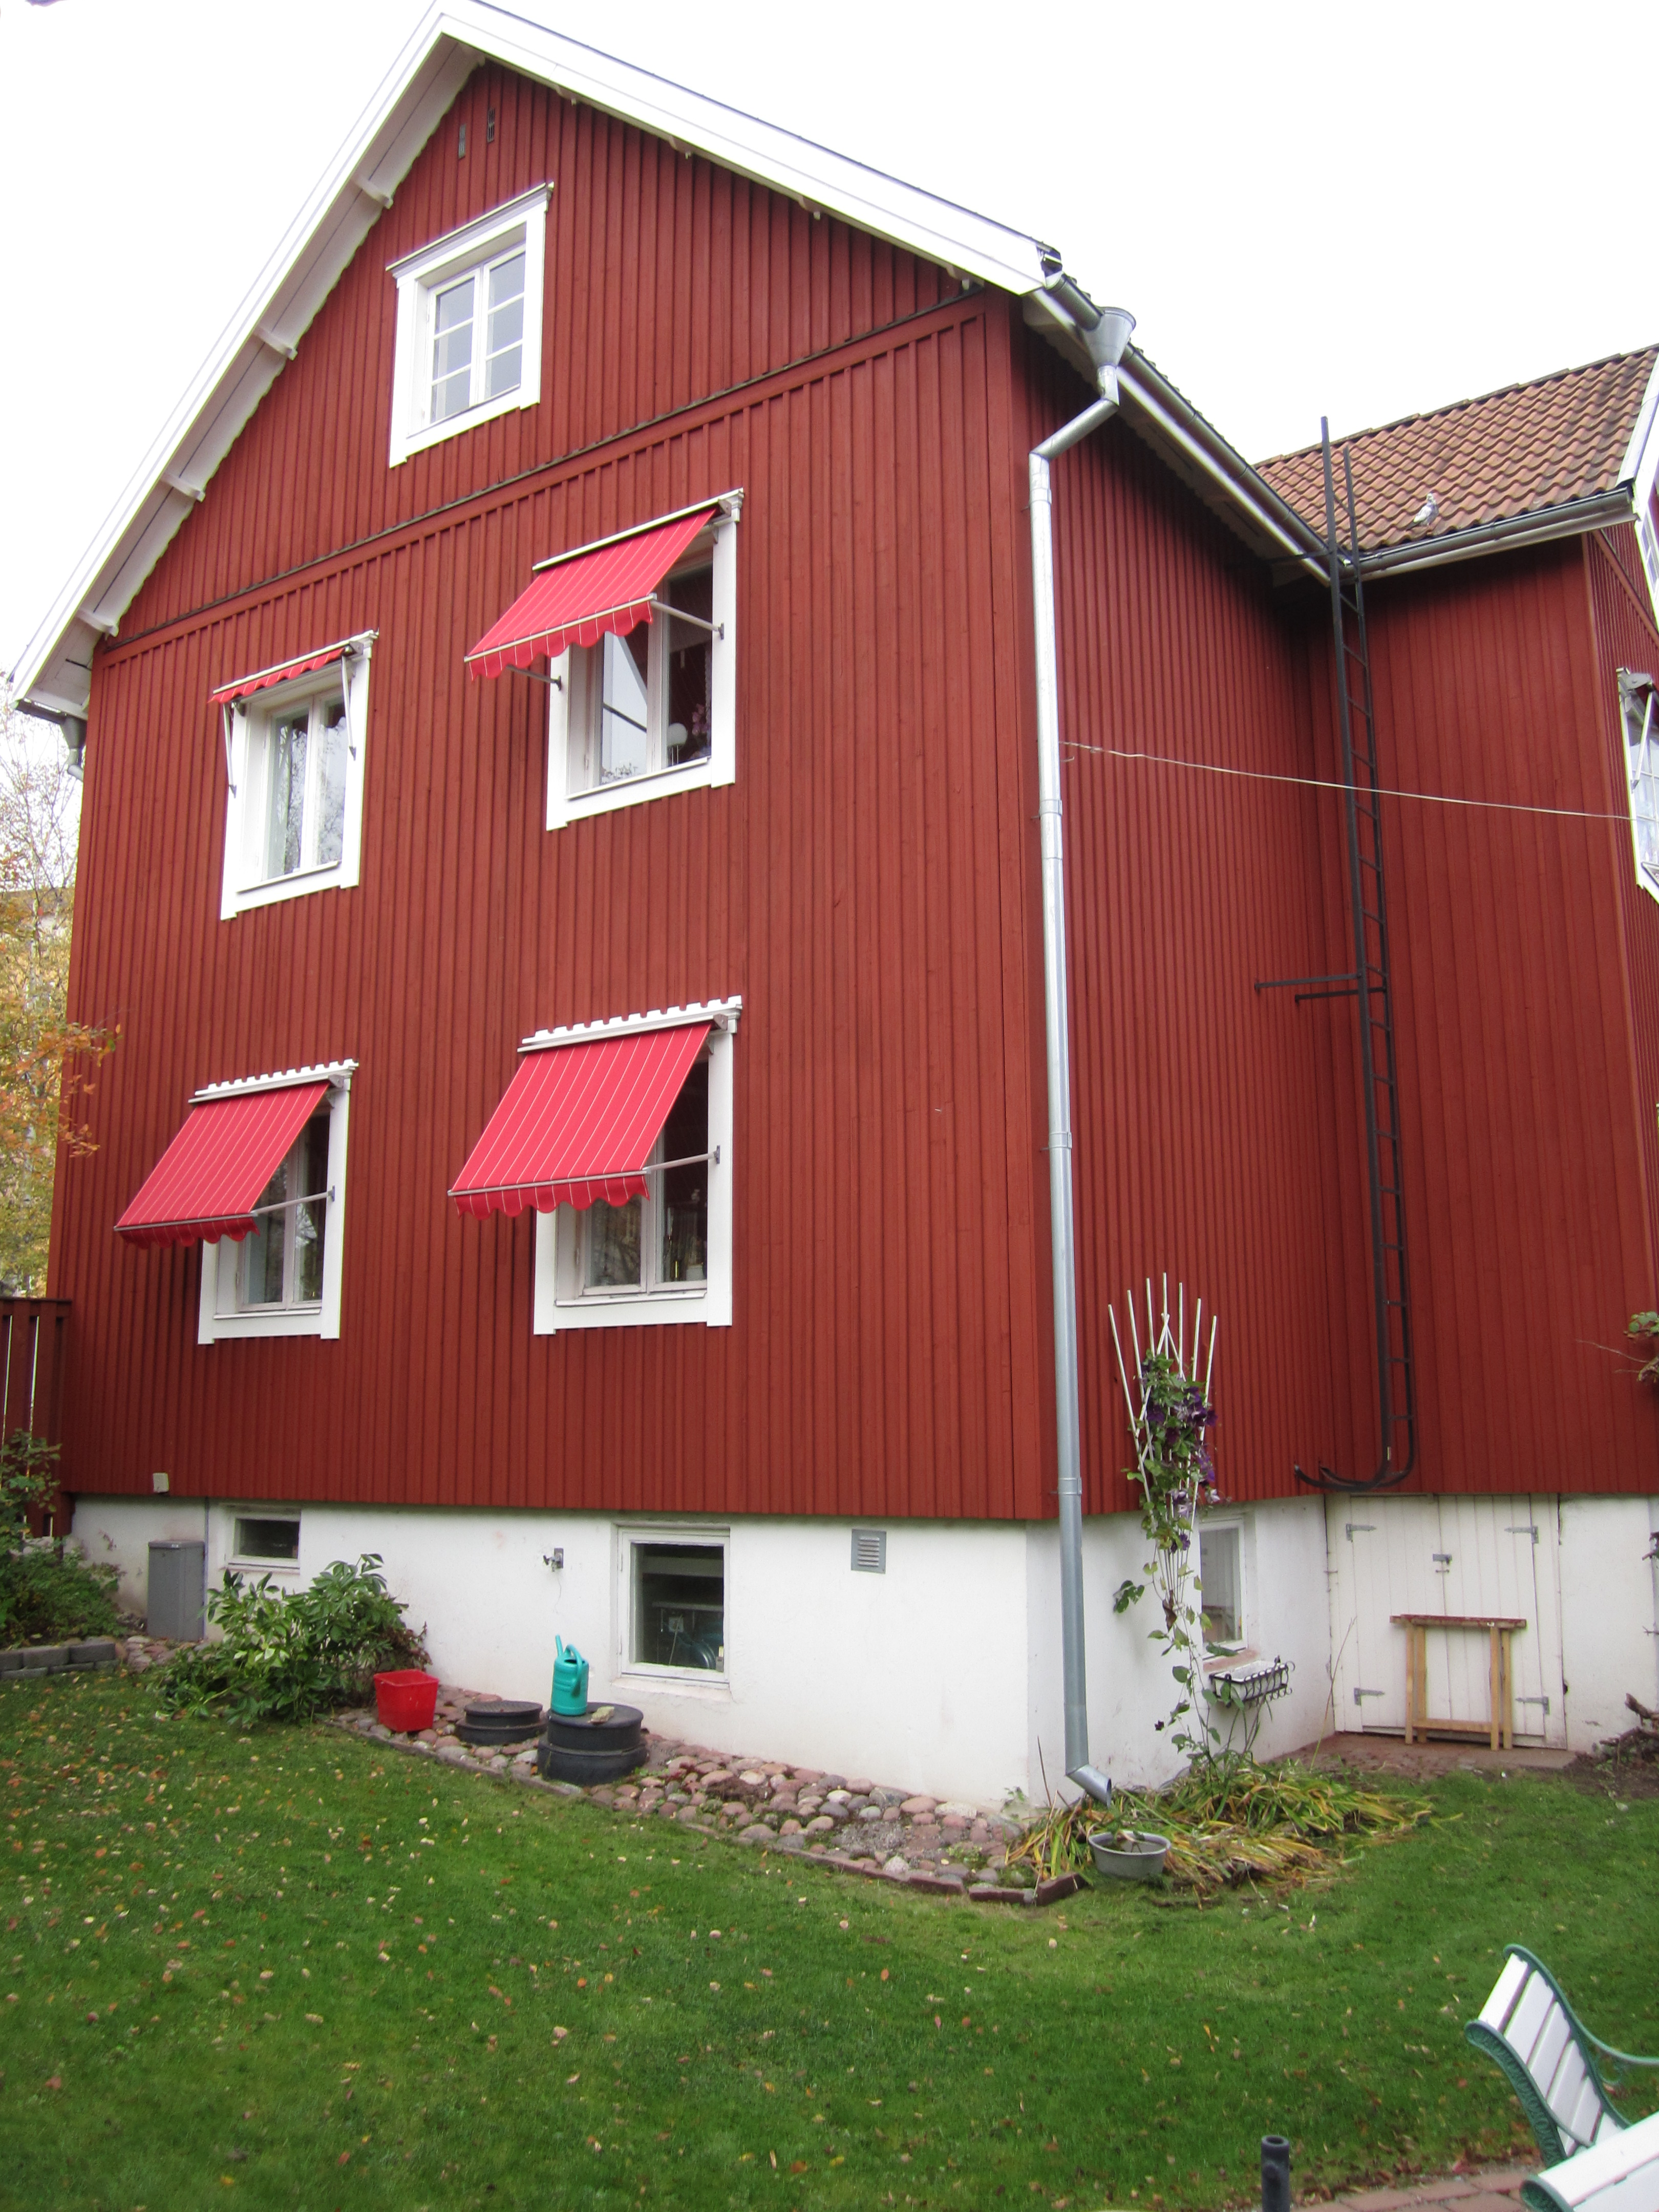 Låt våra målare i Borlänge hjälpa dig måla väggarna 784780ee37f8a